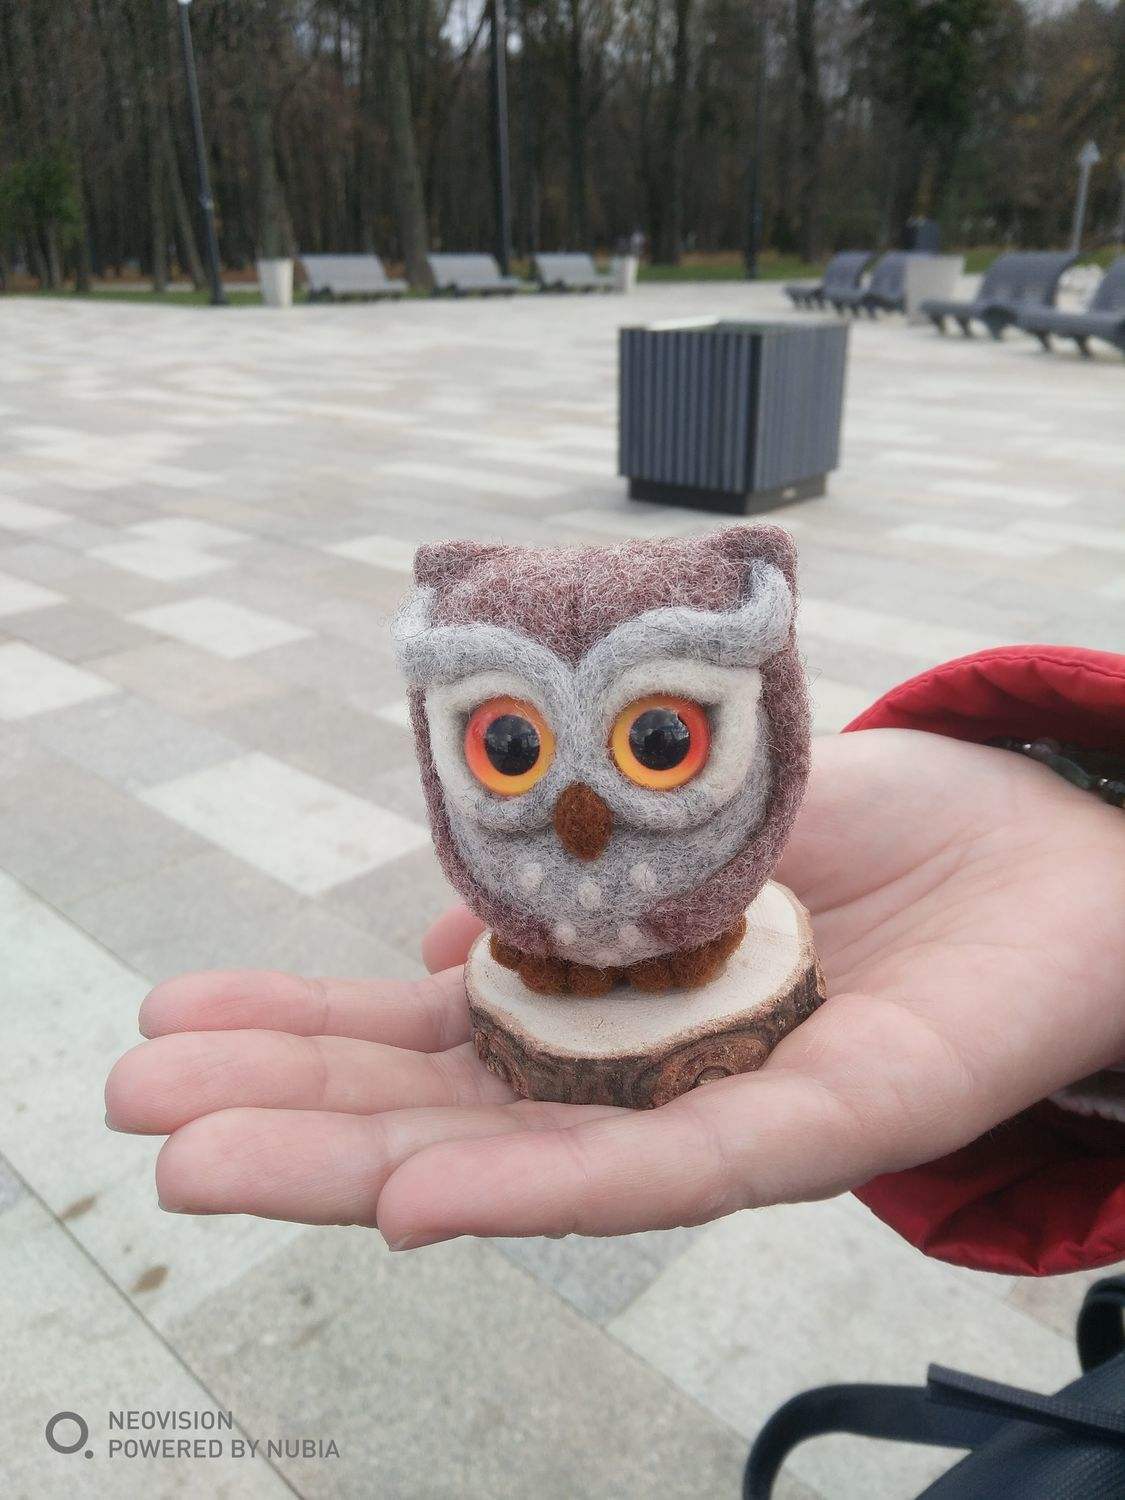 Фото №1 к отзыву покупателя Юлия о товаре Игрушка сова войлочная, сухое валяние